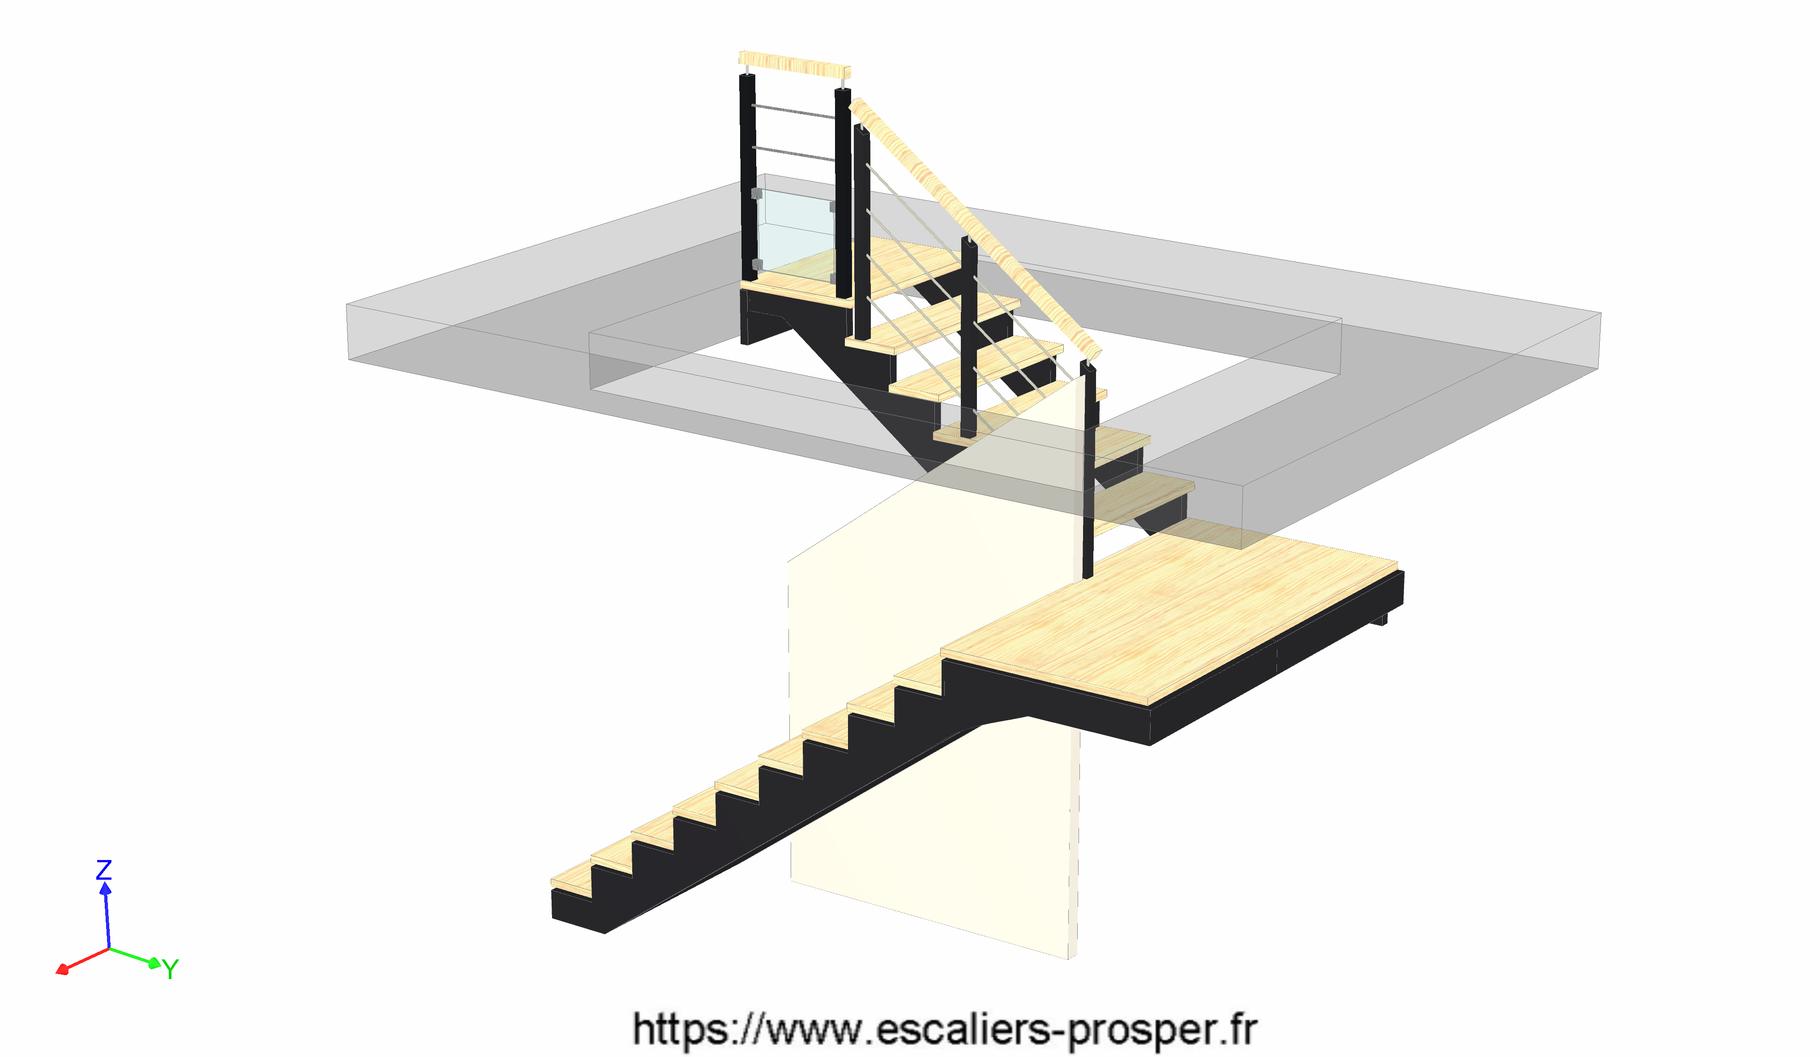 escalier en u l 39 anglaise e15 098 escaliers prosper sp cialiste de la conception la pose. Black Bedroom Furniture Sets. Home Design Ideas